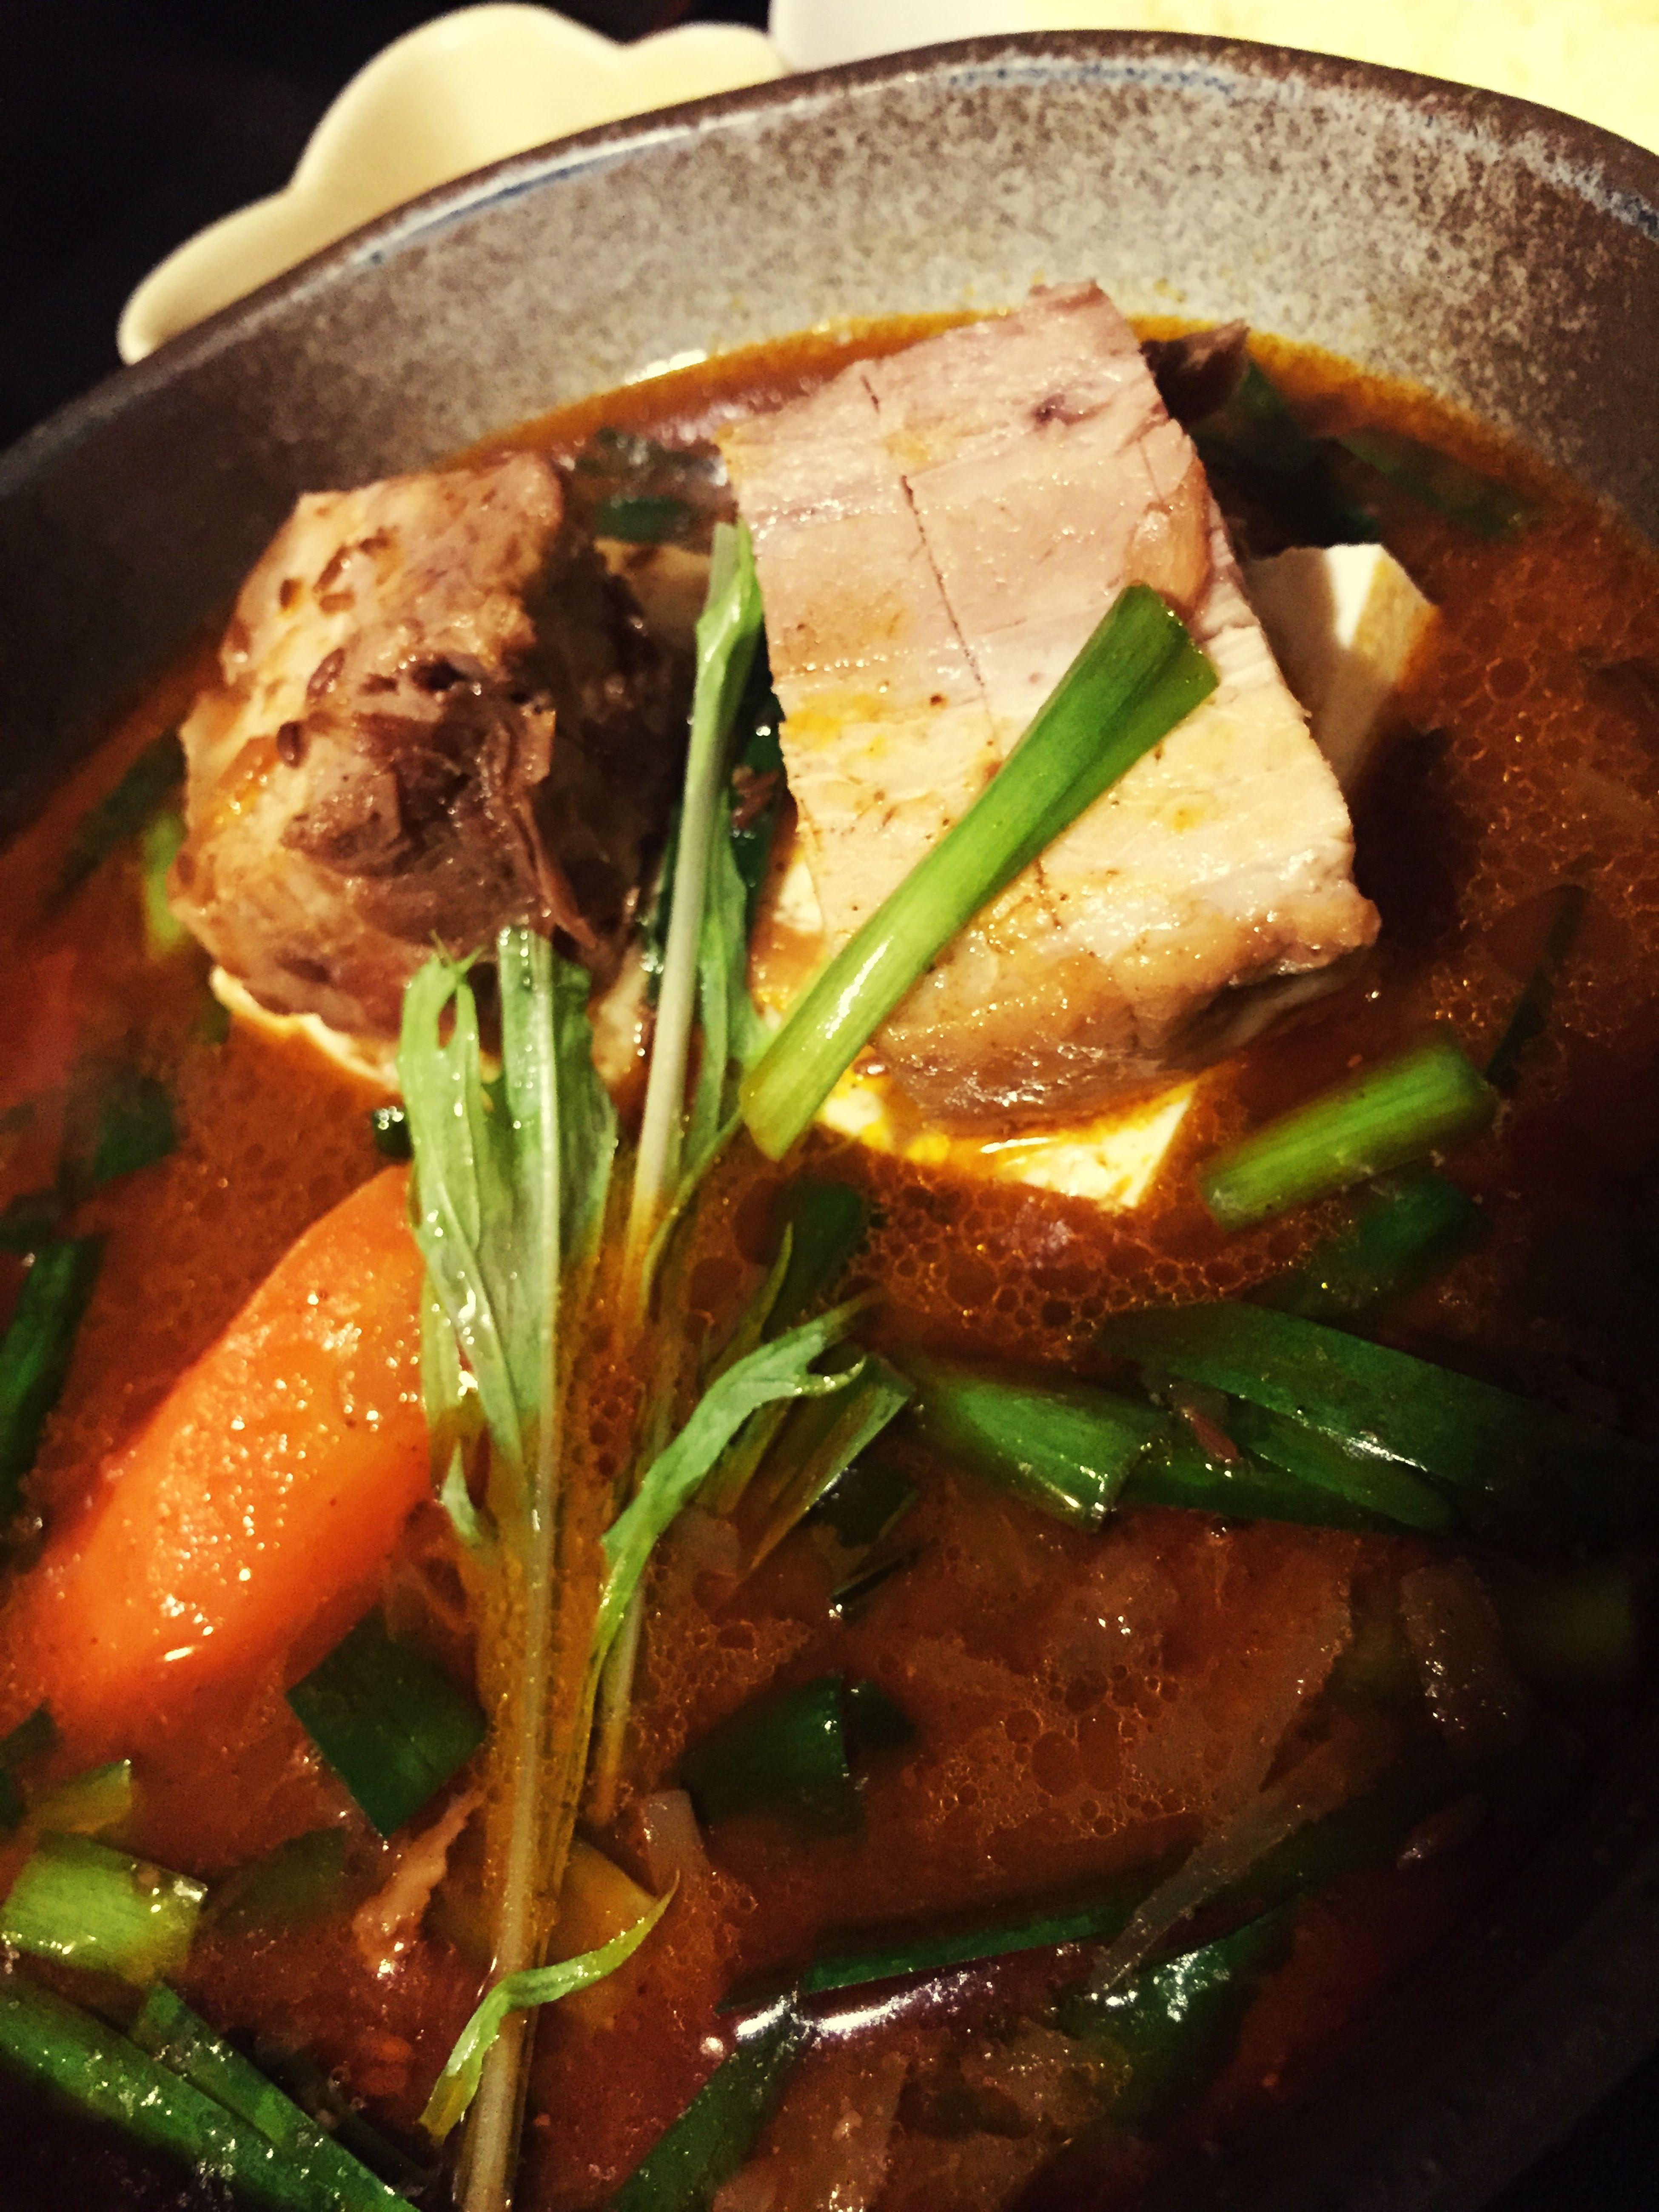 Sapporo Kotoni スープカレー Curry 角煮と豆腐 遅くまでやってるありがとう スタンプ貯めてみせる どんきーこんぐやりまくった後のご飯うますぎた